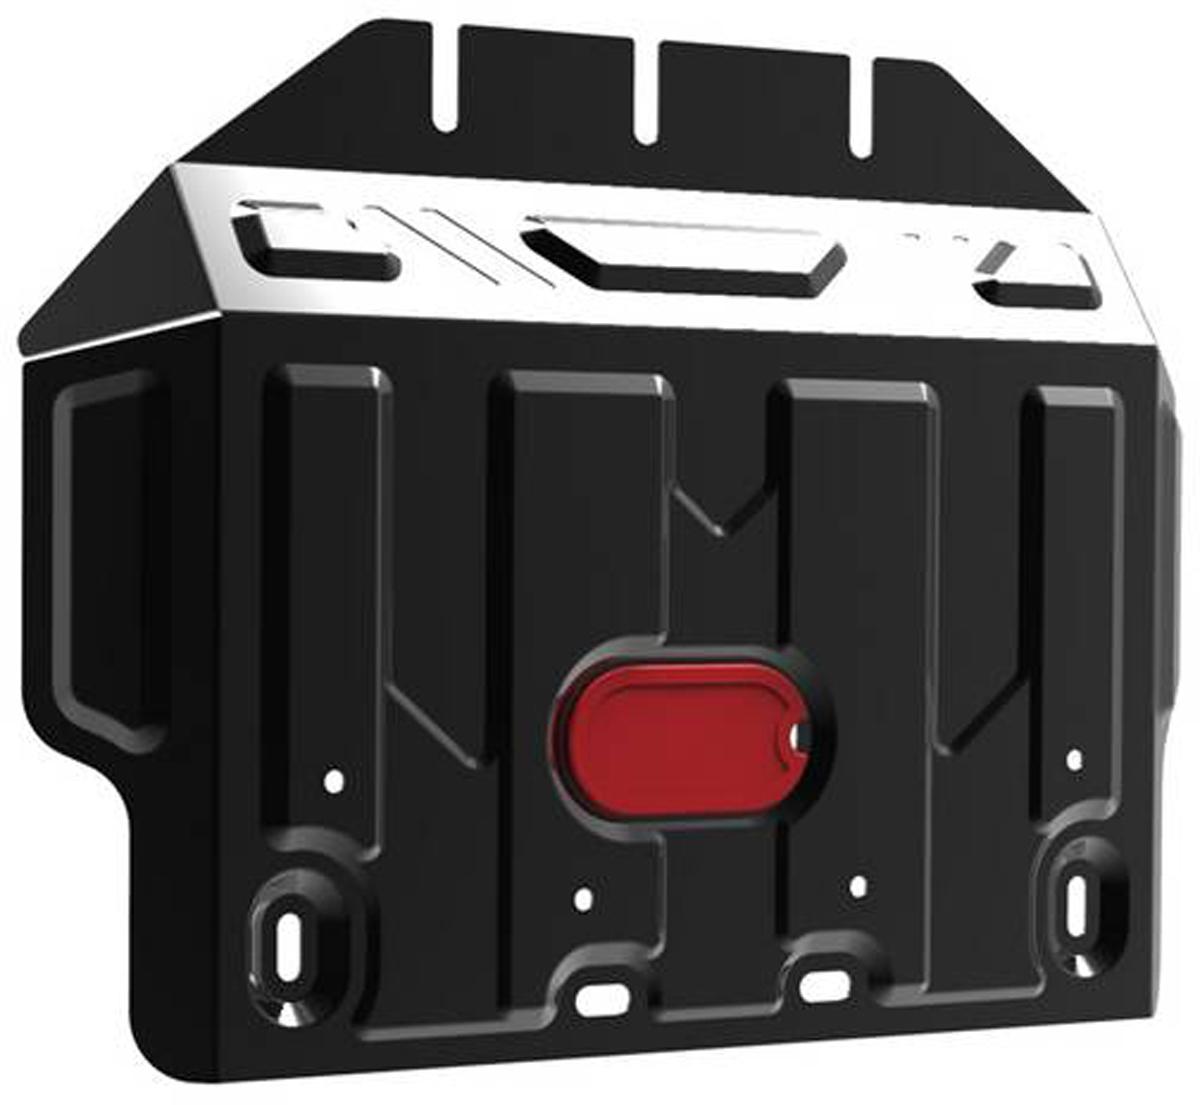 Защита картера Автоброня Lexus GX 460 2009-/Toyota LC150 2009-, часть 2 , сталь 2 мм111.05784.1Защита картера Автоброня для Lexus GX 460, V - 4,6 2009-/Toyota LC150, V - 2,7; 3,0TD; 4,0; 2,8TD 2009-, часть 2 , сталь 2 мм, комплект крепежа, 111.05784.1 Дополнительно можно приобрести другие защитные элементы из комплекта: защита картера ч.1 - 111.05783.1, защита КПП и РК - 111.05785.1Стальные защиты Автоброня надежно защищают ваш автомобиль от повреждений при наезде на бордюры, выступающие канализационные люки, кромки поврежденного асфальта или при ремонте дорог, не говоря уже о загородных дорогах. - Имеют оптимальное соотношение цена-качество. - Спроектированы с учетом особенностей автомобиля, что делает установку удобной. - Защита устанавливается в штатные места кузова автомобиля. - Является надежной защитой для важных элементов на протяжении долгих лет. - Глубокий штамп дополнительно усиливает конструкцию защиты. - Подштамповка в местах крепления защищает крепеж от срезания. - Технологические отверстия там, где они необходимы для смены масла и слива воды, оборудованные заглушками, закрепленными на защите. Толщина стали 2 мм. В комплекте крепеж и инструкция по установке.Уважаемые клиенты! Обращаем ваше внимание на тот факт, что защита имеет форму, соответствующую модели данного автомобиля. Наличие глубокого штампа и лючков для смены фильтров/масла предусмотрено не на всех защитах. Фото служит для визуального восприятия товара.